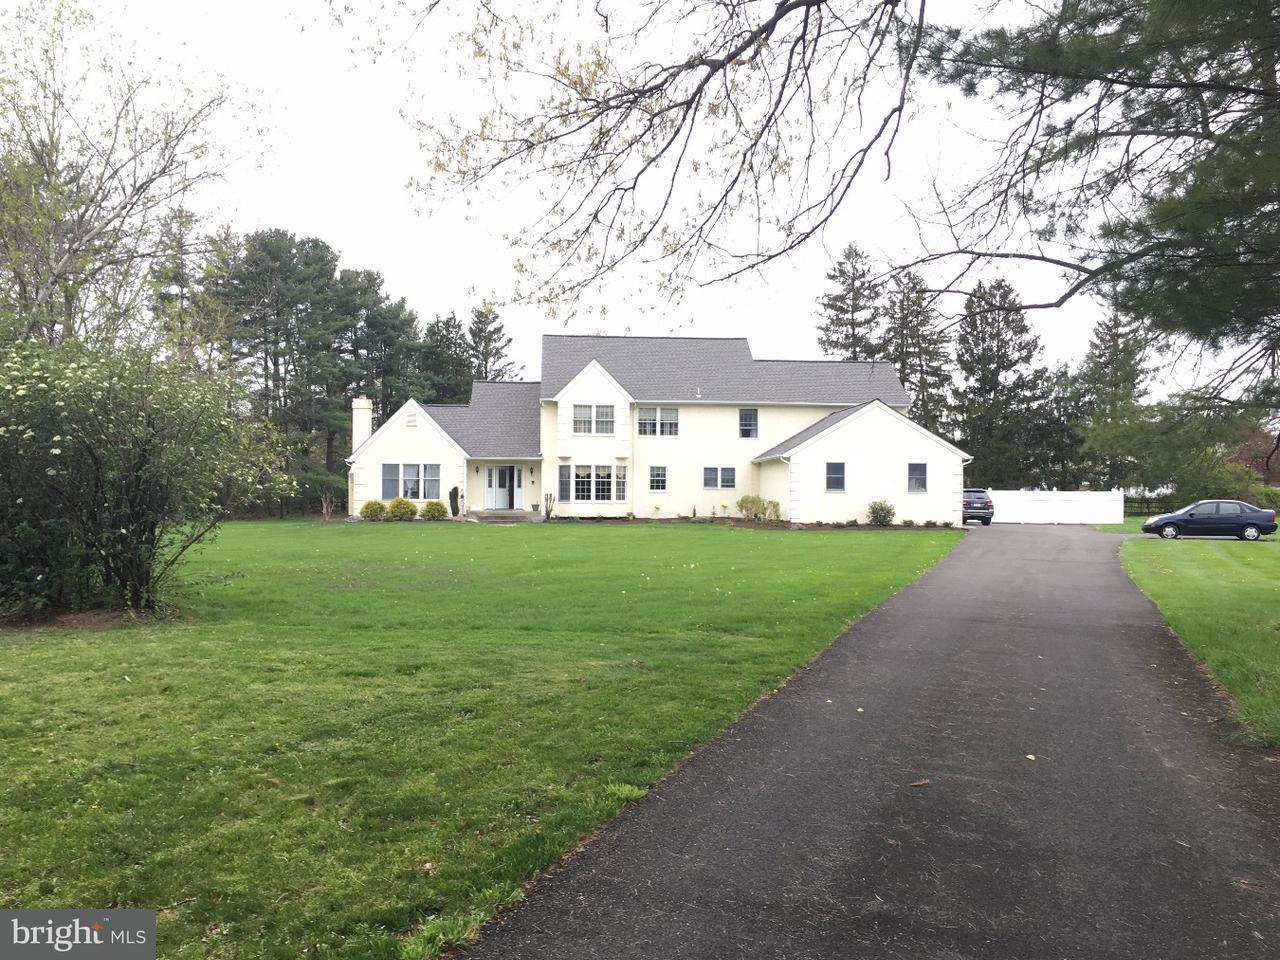 Частный односемейный дом для того Продажа на 1480 DILLON Road Upper Dublin, Пенсильвания 19002 Соединенные Штаты